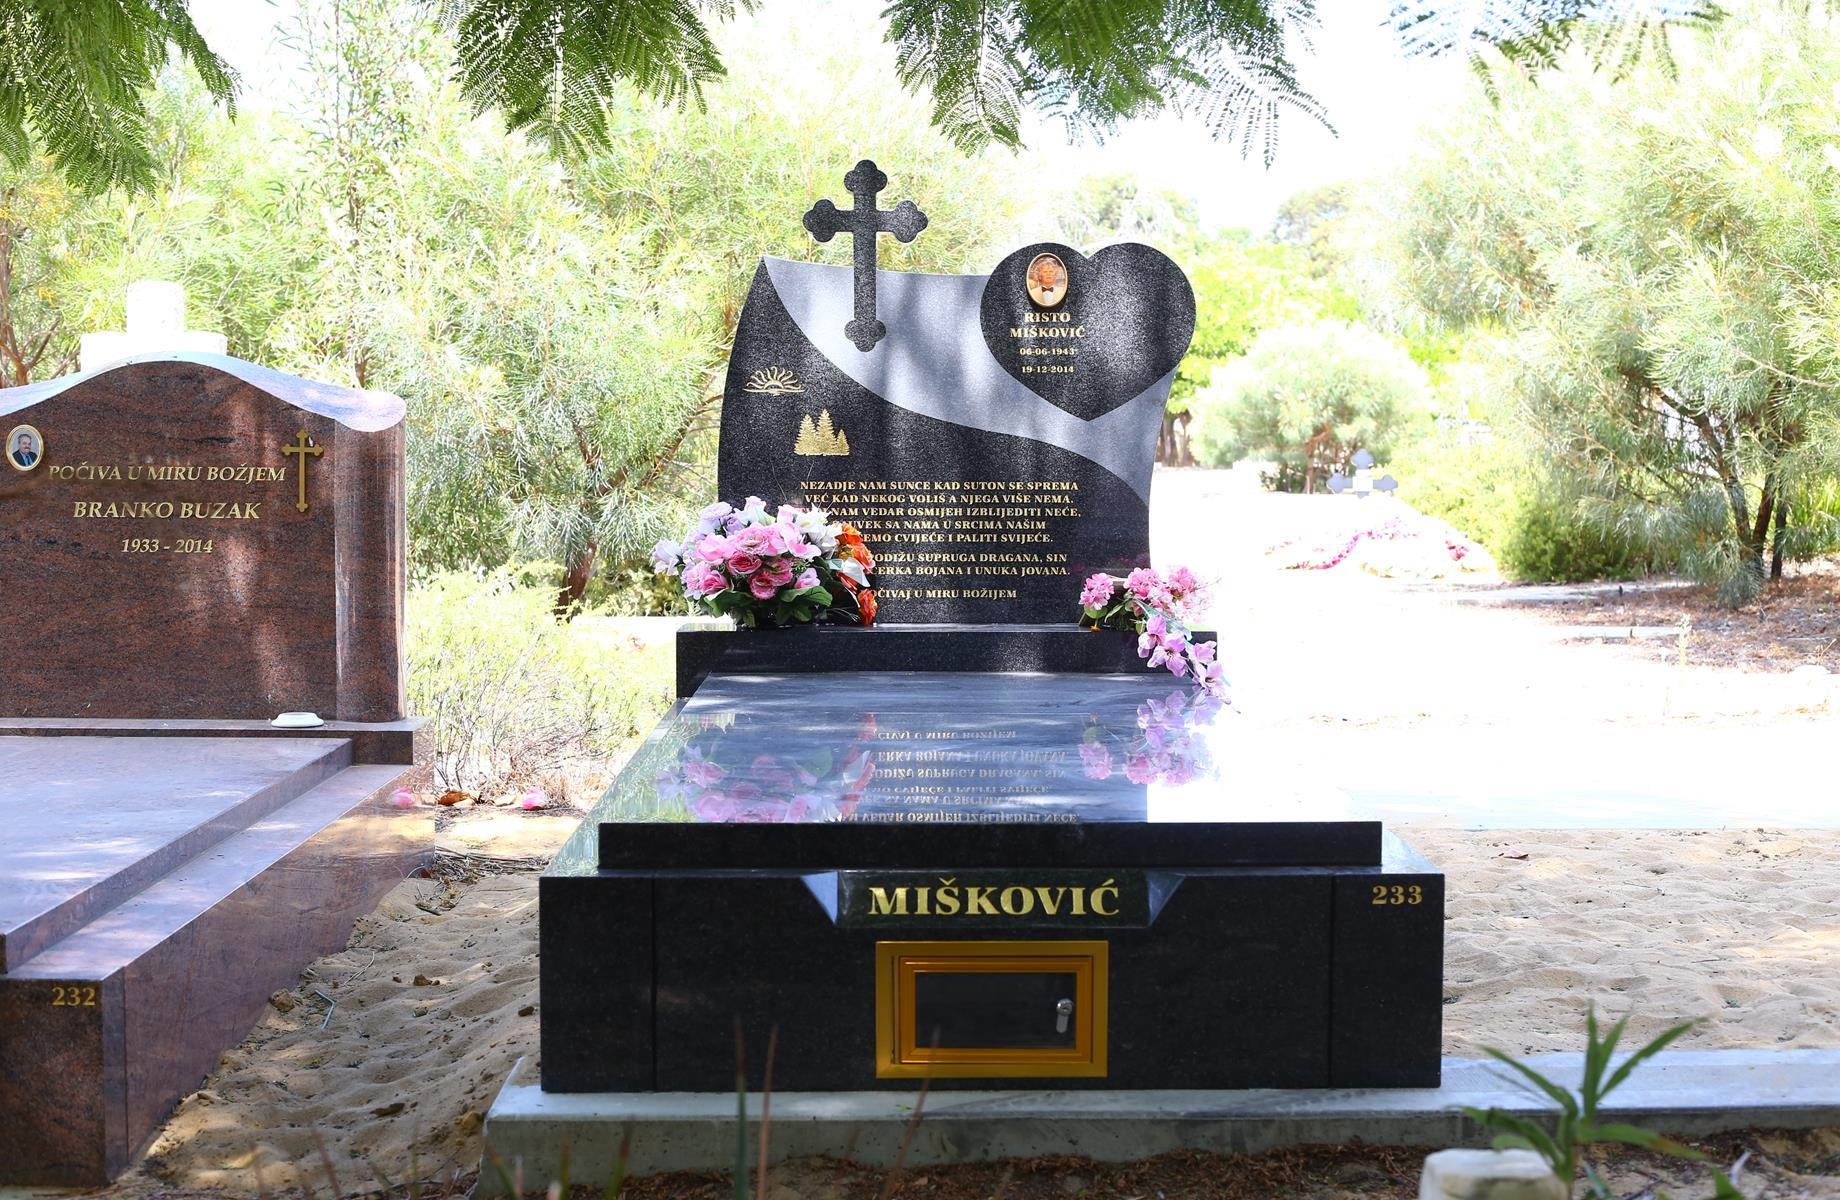 Miskovic (2)